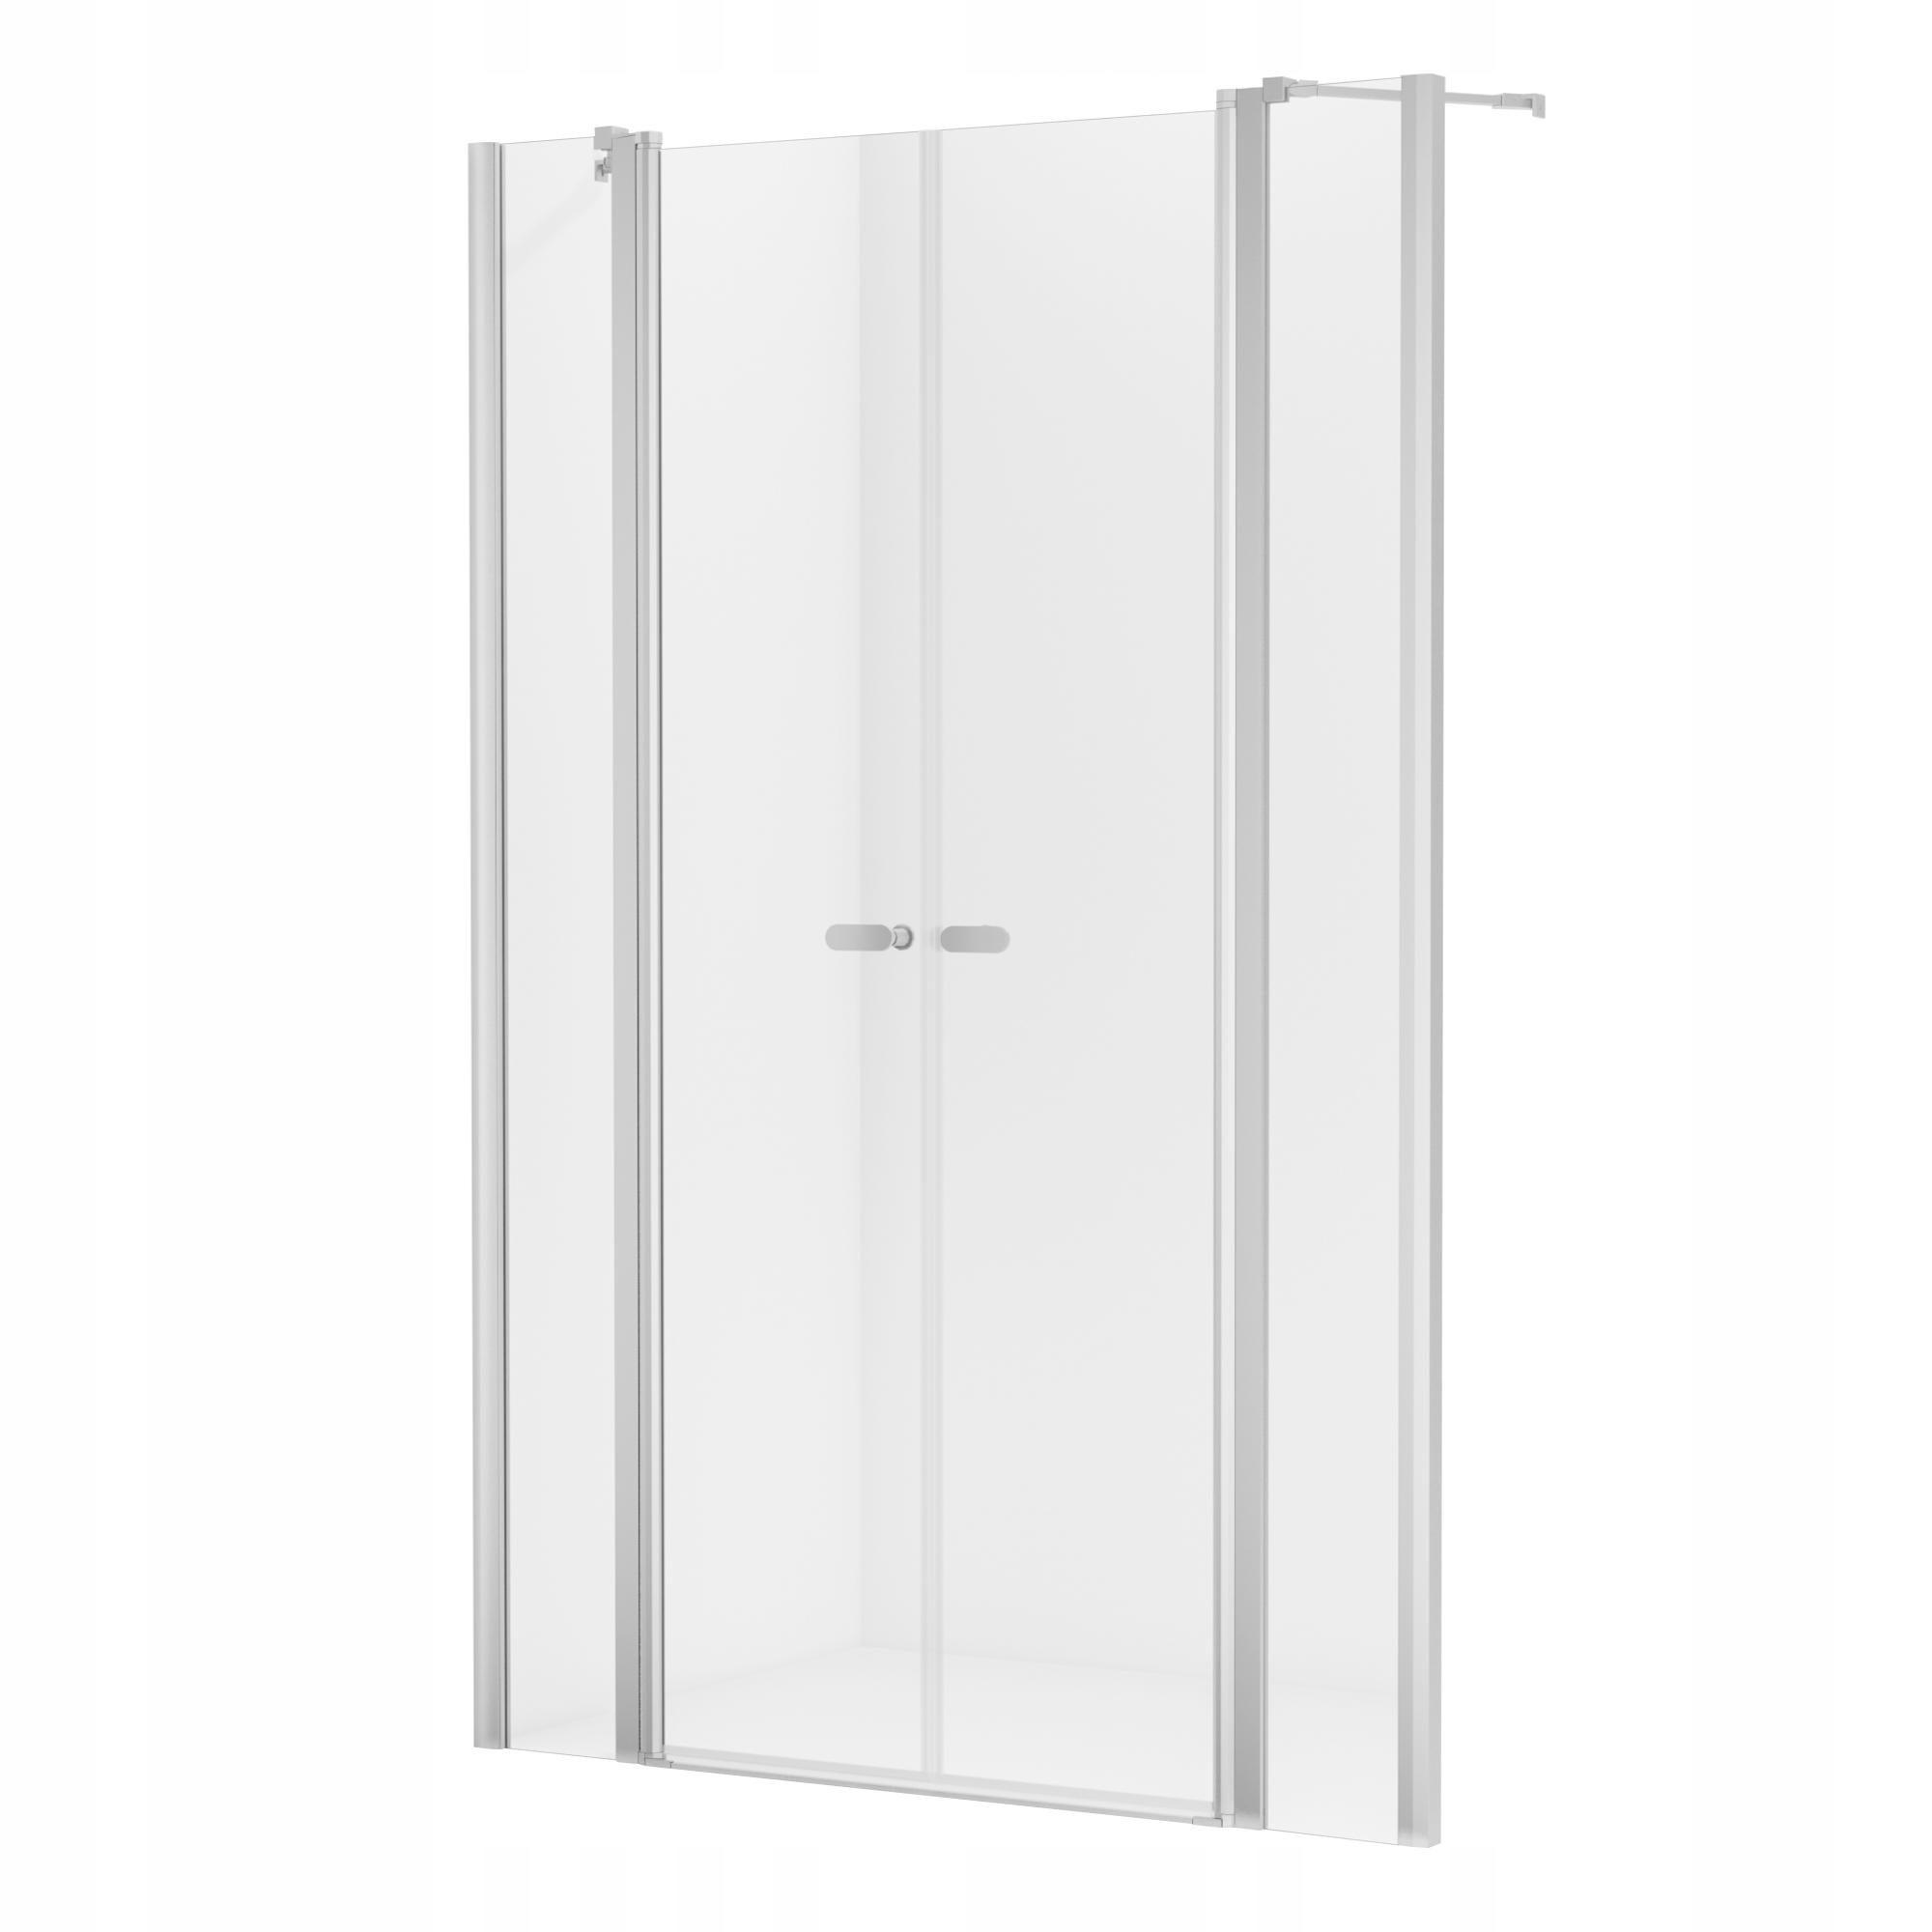 NOVINKA dvojité sprchové dvere SOLEO 140x195 cm